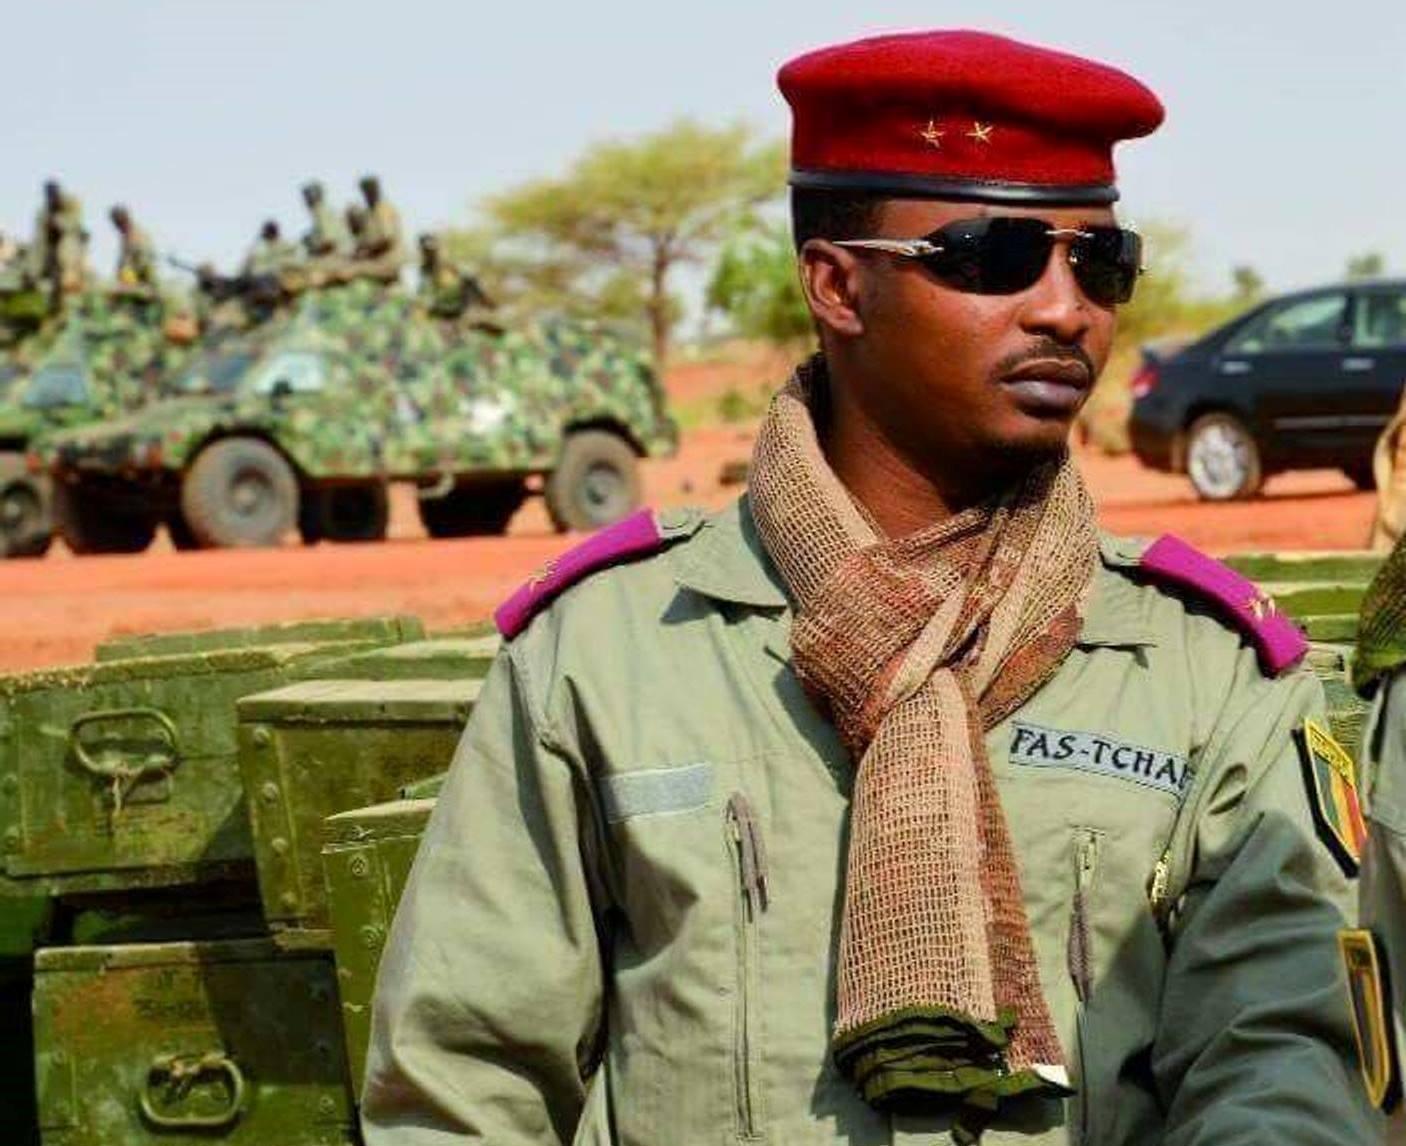 Tchad/ Général à 37 ans, qui est Mahamat Idriss Déby, qui vient de prendre le pouvoir ?